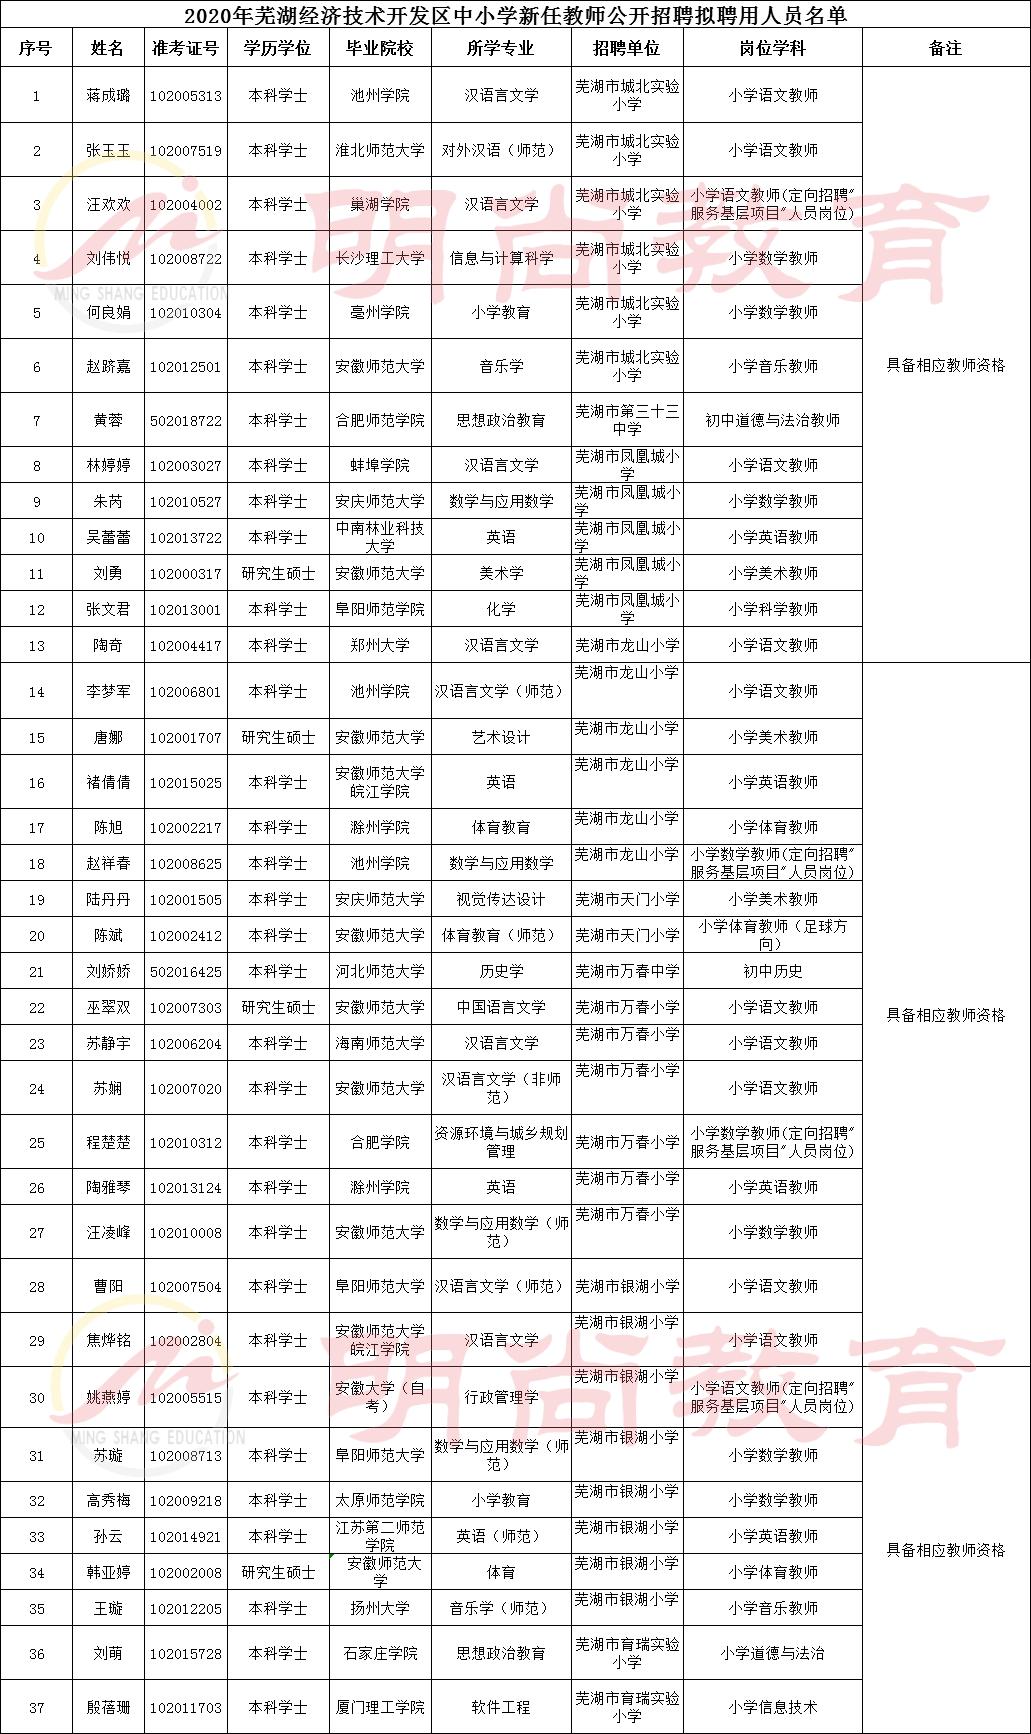 2020芜湖人口突破_芜湖洪水2020图片